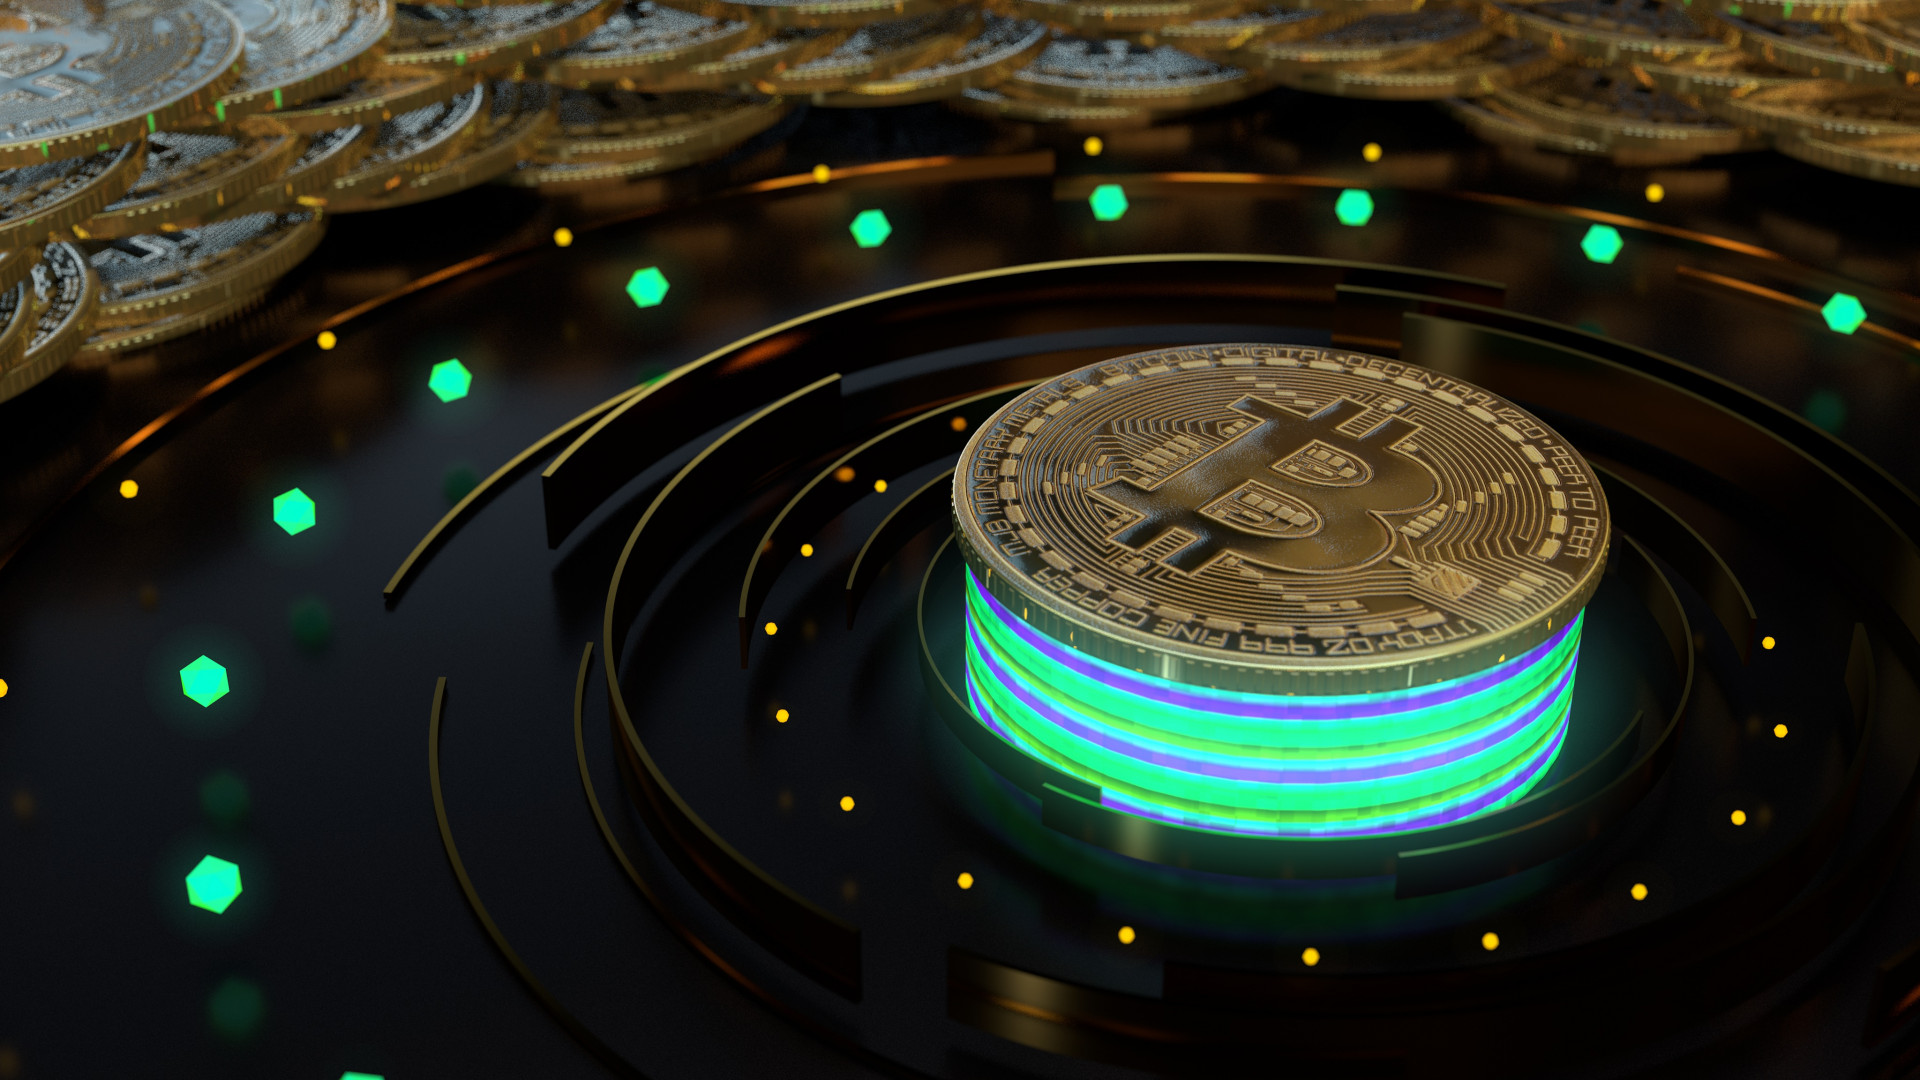 mennyi bitcoint kereshet egy hónap alatt